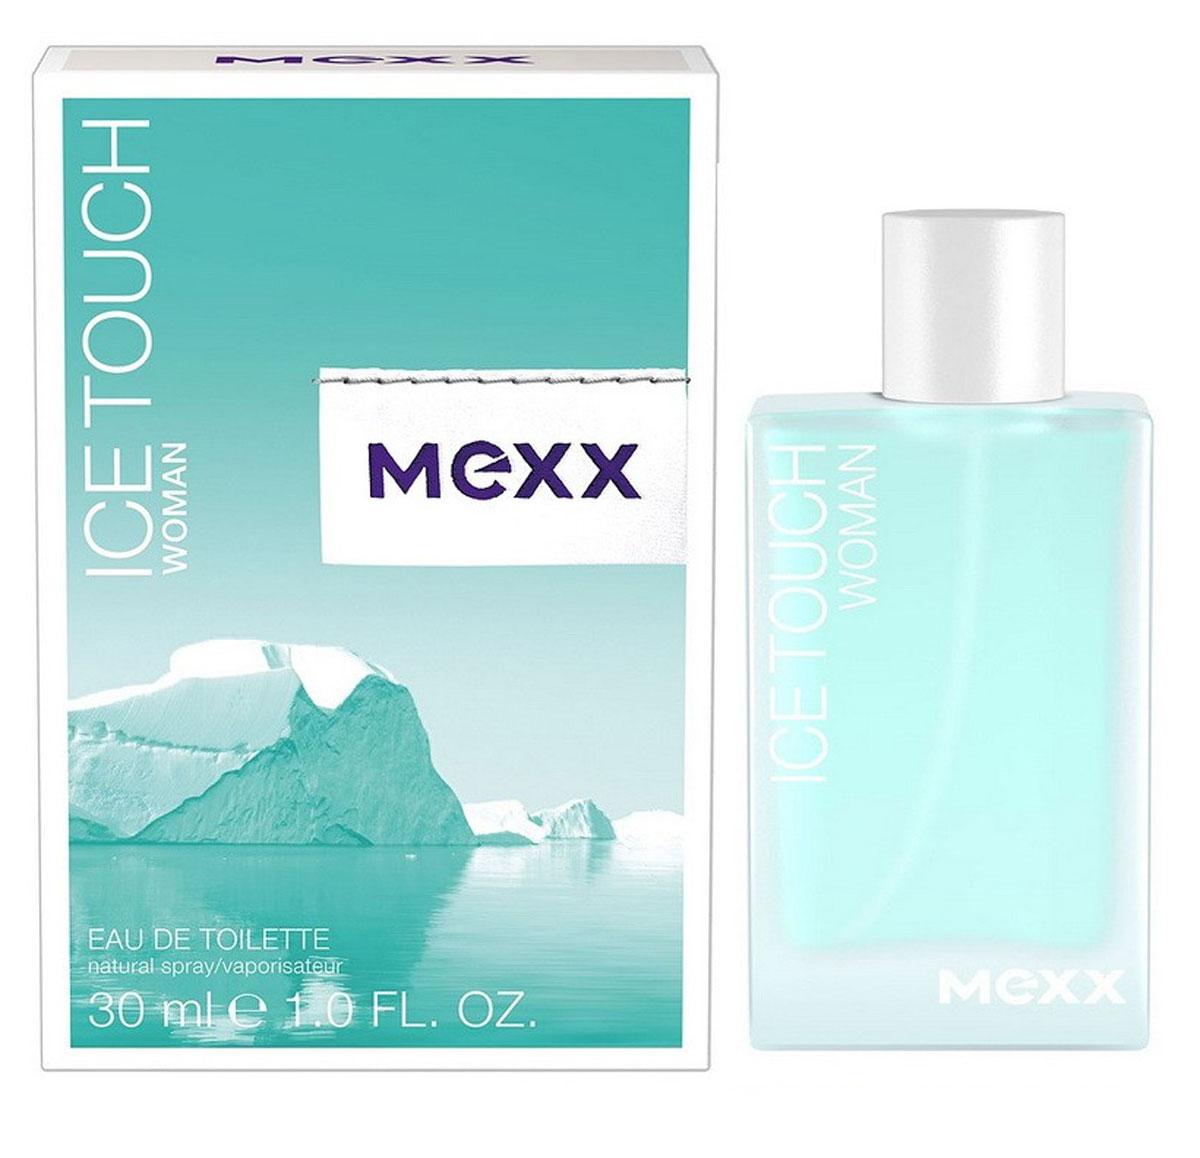 Mexx Туалетная вода Ice Touch Woman, женская, 30 мл75535006000Ice Touch от Mexx - аромат, в котором флиртуют жар и холод: лед тает, давая волю чувствам, опьяняя и разжигая страсть. Женщина Mexx Ice Touch толкает мужчин на безумства, она настолько дерзкая, что заставляет лед расколоться просто от одного своего взгляда. Классификация аромата: фруктовый, цветочный, водный. Пирамида аромата: Верхние ноты: ежевика, ледяной чай с лимоном, розовый перец. Ноты сердца: листья мяты, белый цикламен, цветы апельсина. Ноты шлейфа: кедр, малина, мускус.Верхняя нота: Цитрусы, Ежевика, Розовый перец, Акватические ноты.Средняя нота: Апельсиновый цвет, Цикламен, Кориандр, Мята.Шлейф: Амбра, Кедр, Малина, Мускус.Освежающий эффект водного аккорда подчеркивается прохладой листьев мяты.Дневной и вечерний аромат.